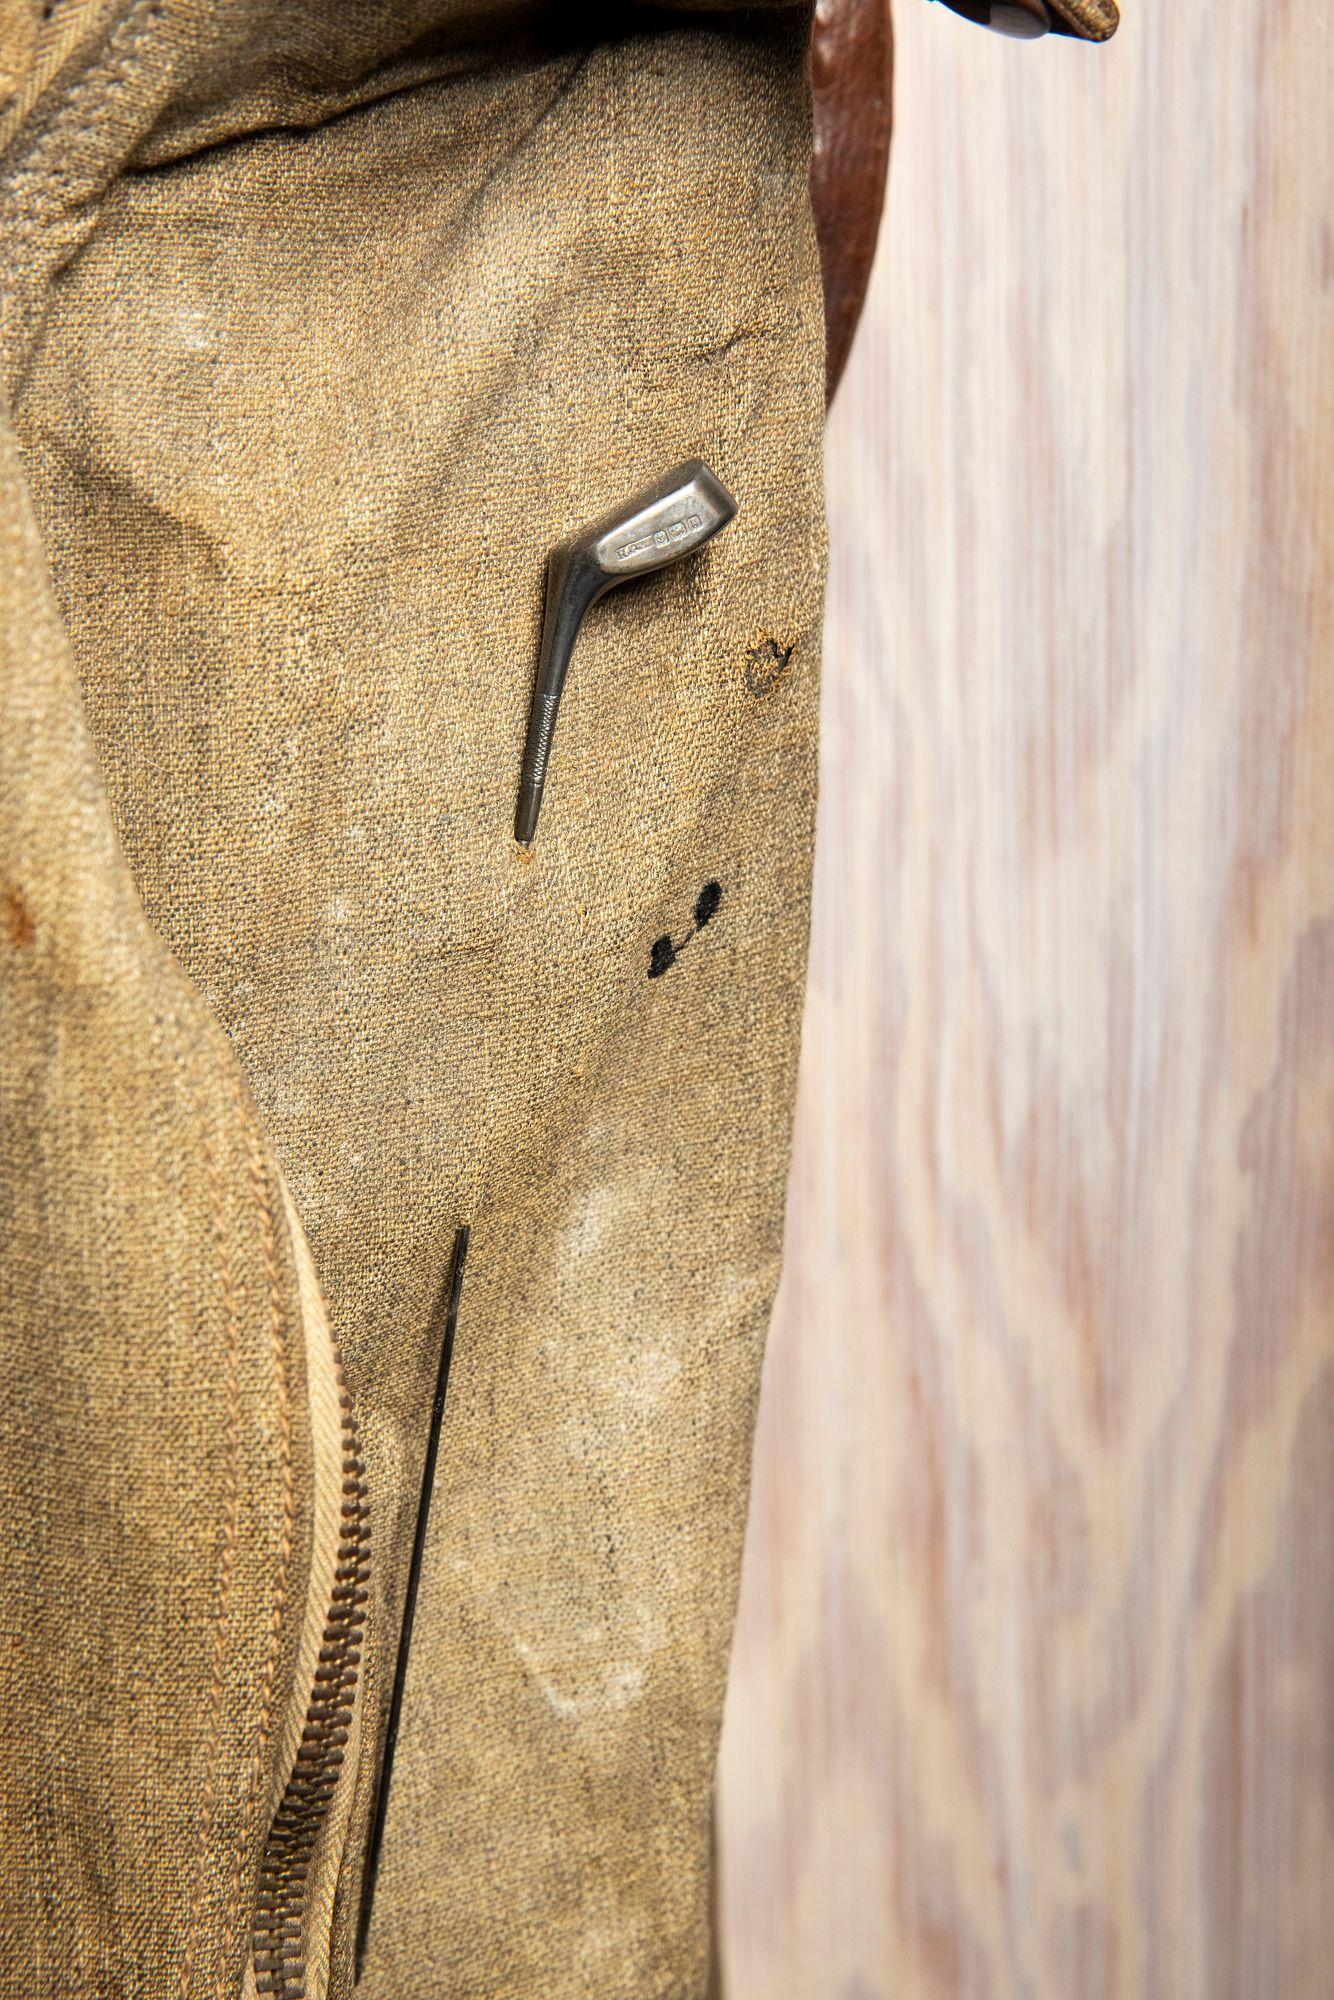 Mannerheimin bägin ulkopuolelta löytyy hauska yksityiskohta kuin rintaneula. © Tommi Tuomi